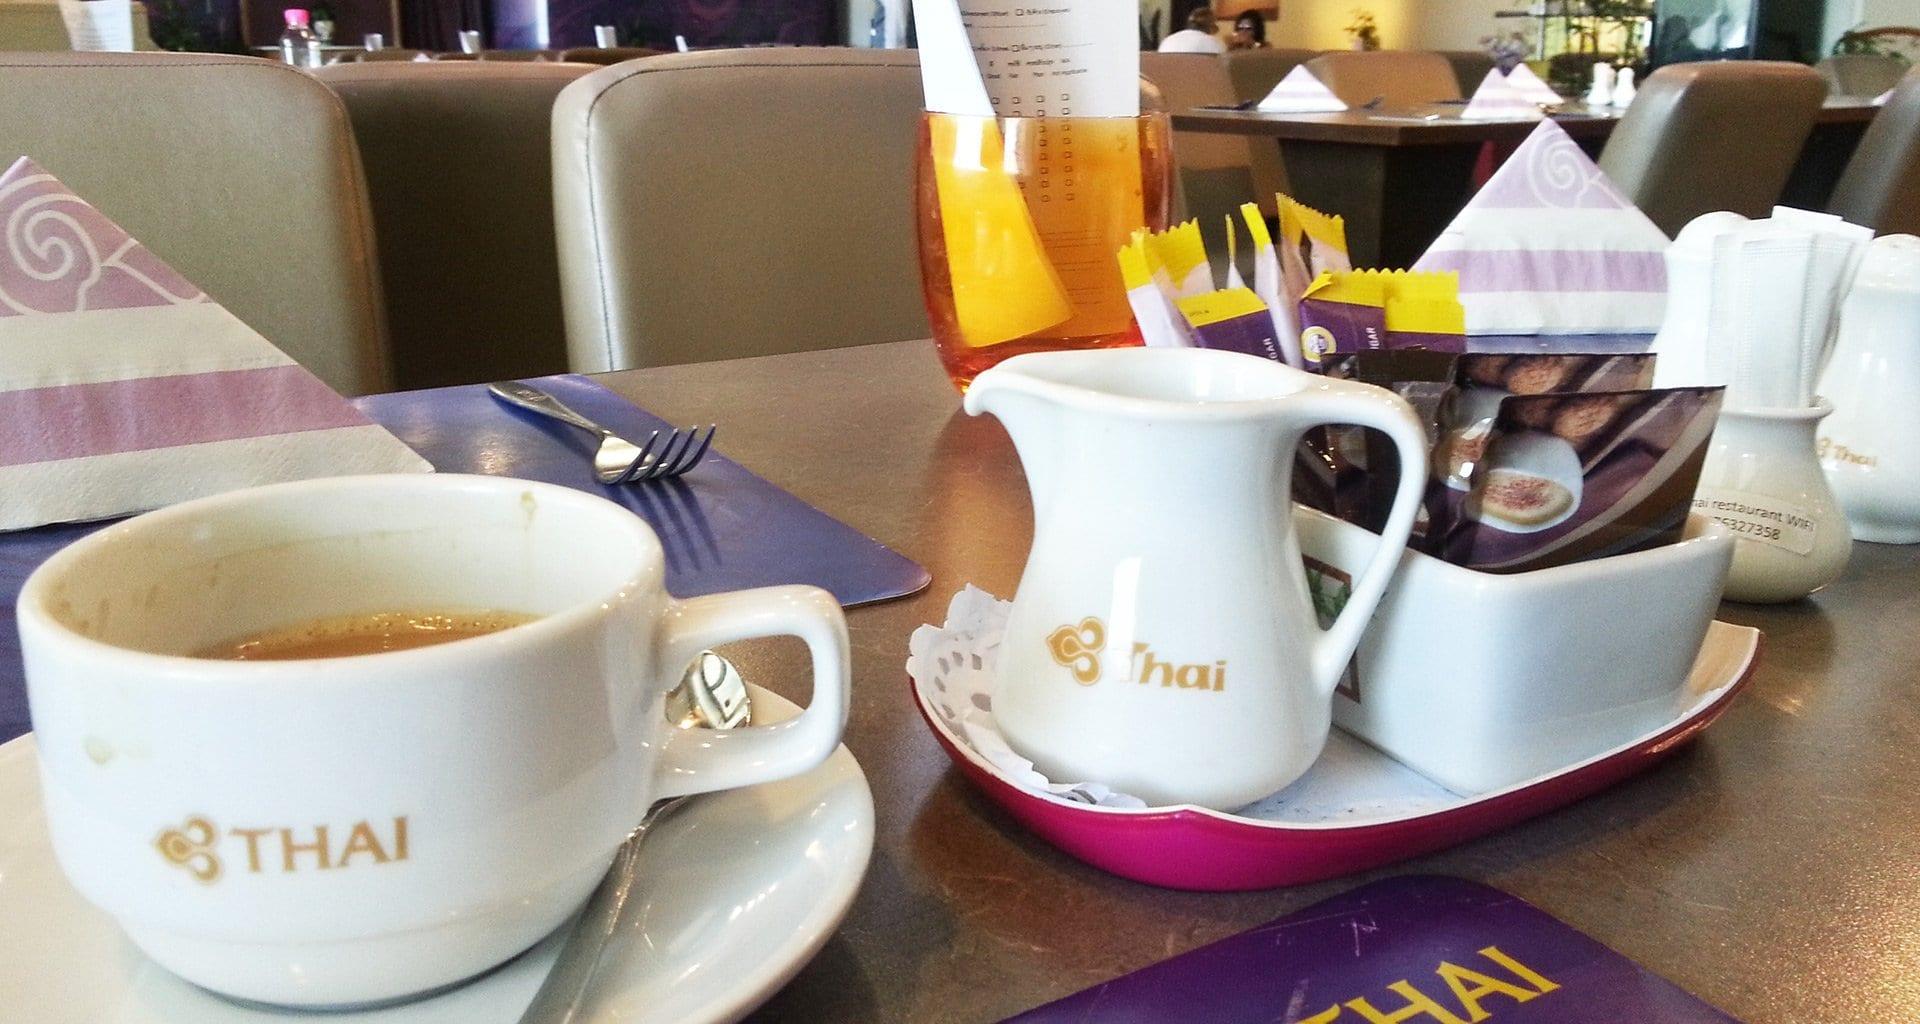 Coffee served at Thai Airways restaurant Phuket Airport